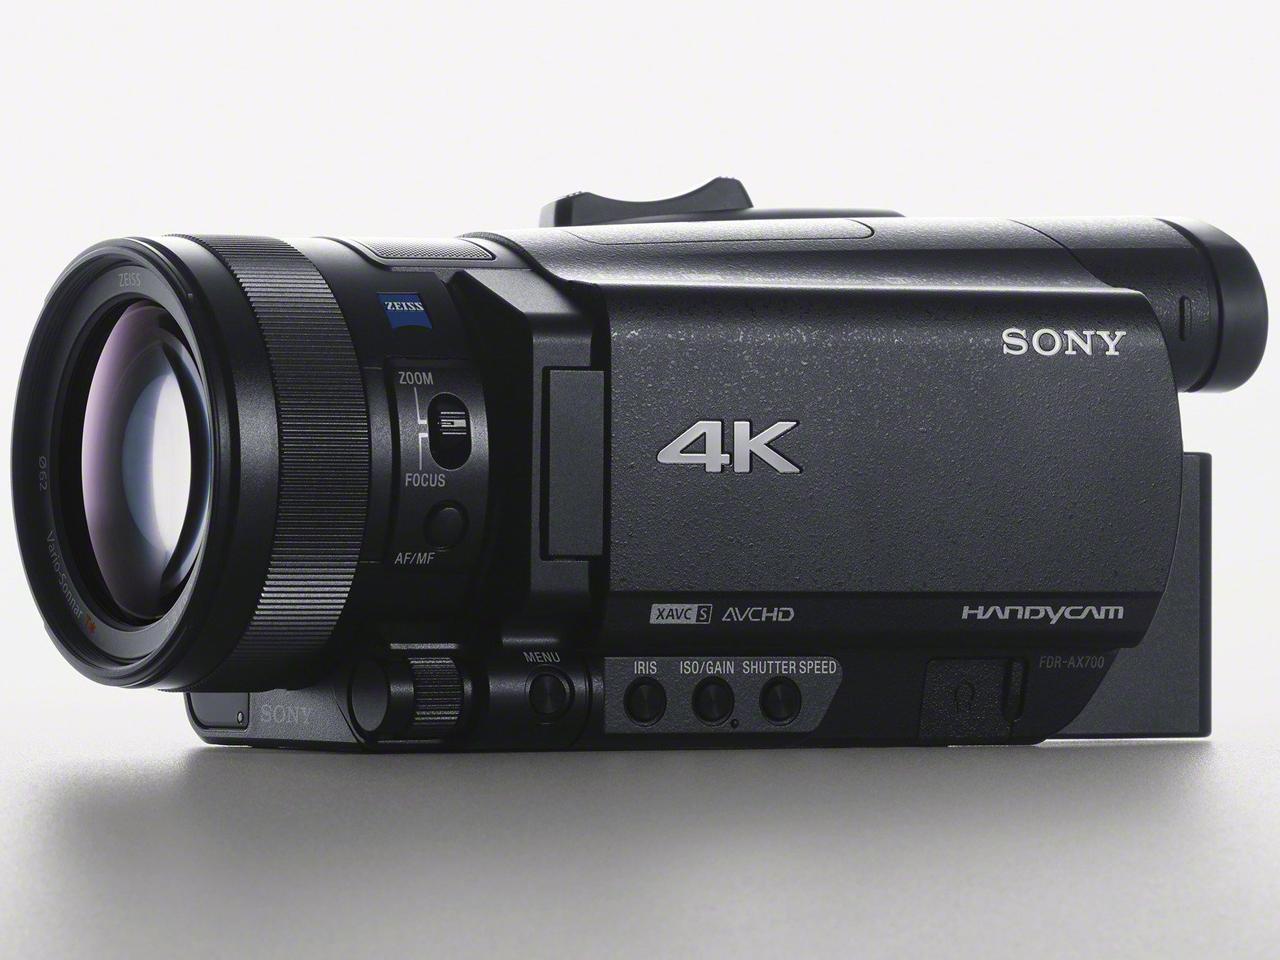 『本体 斜め3』 FDR-AX700 の製品画像